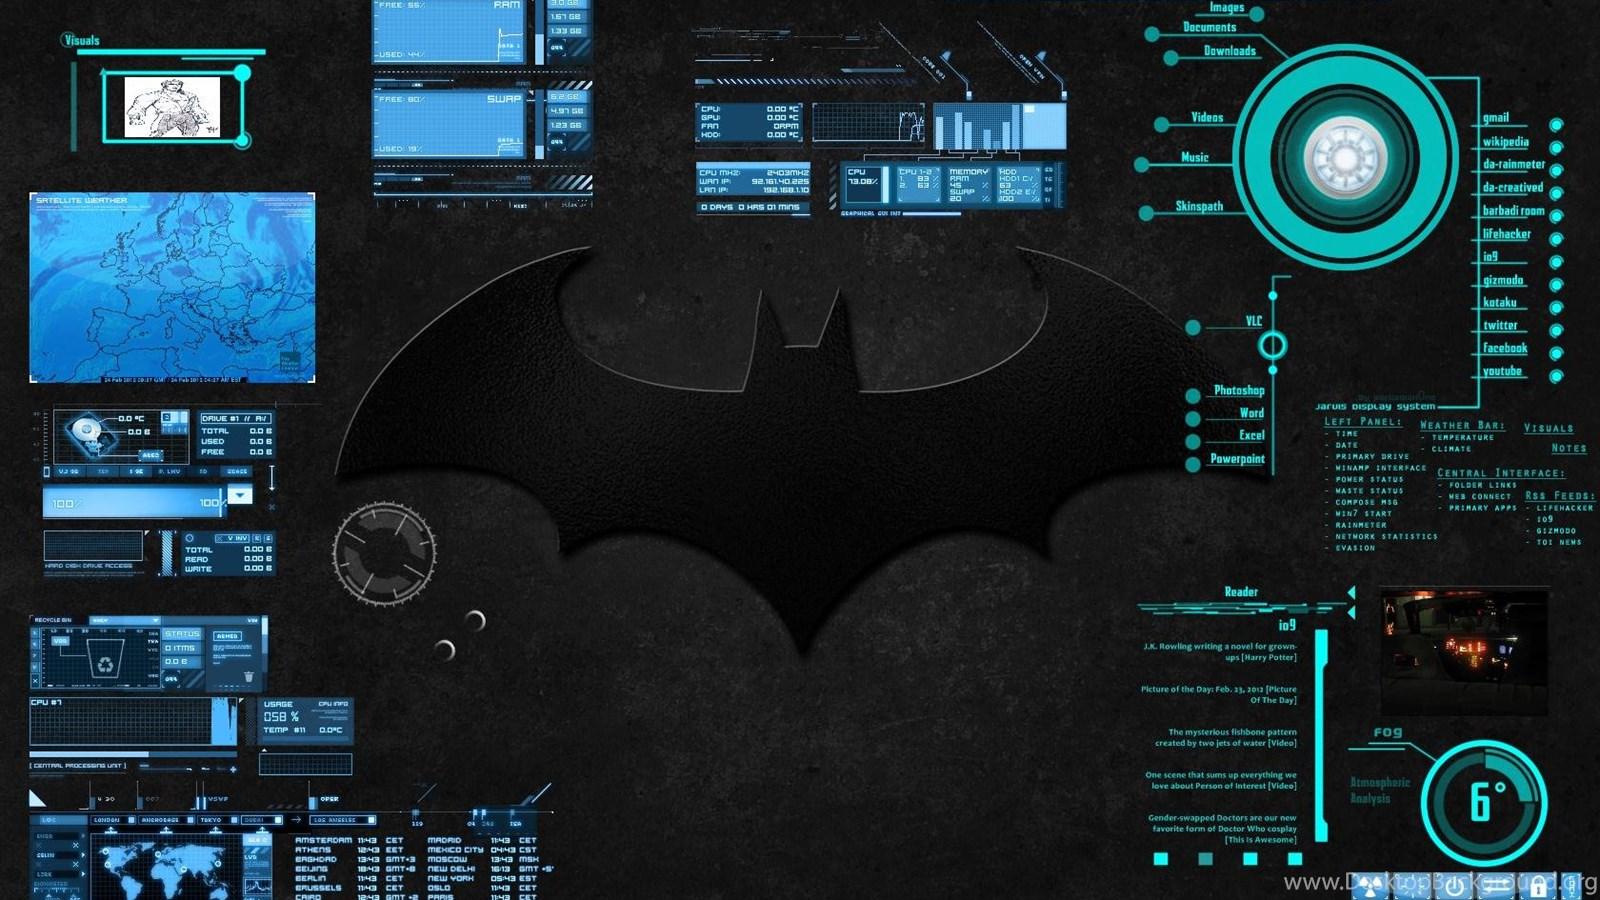 BAT COMPUTER INTERFACE Desktop BackgroundSimilar wallpapers